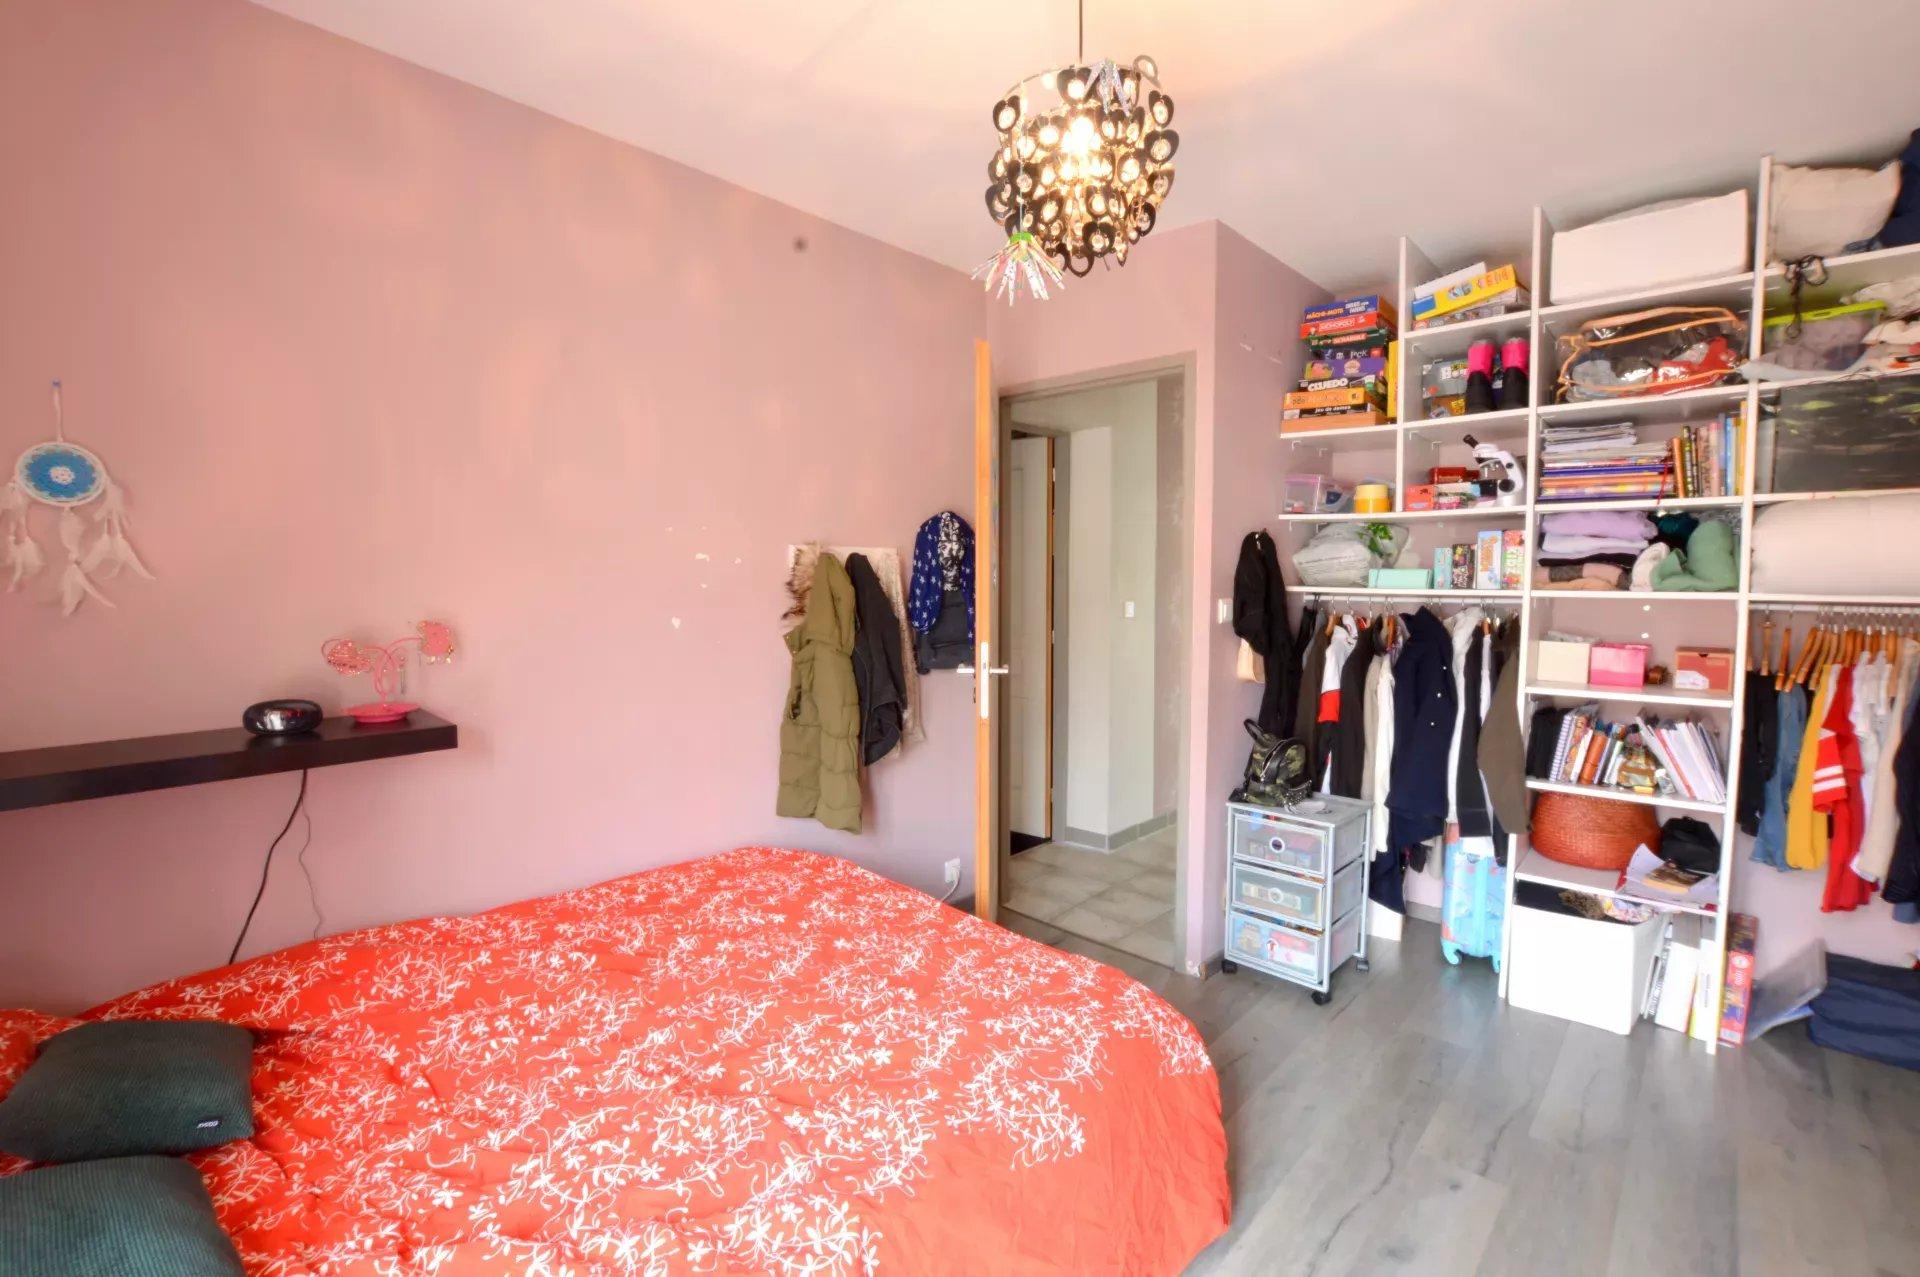 Maison 5 pièces plain pied de 124m² Villeneuve-lès-Maguelone